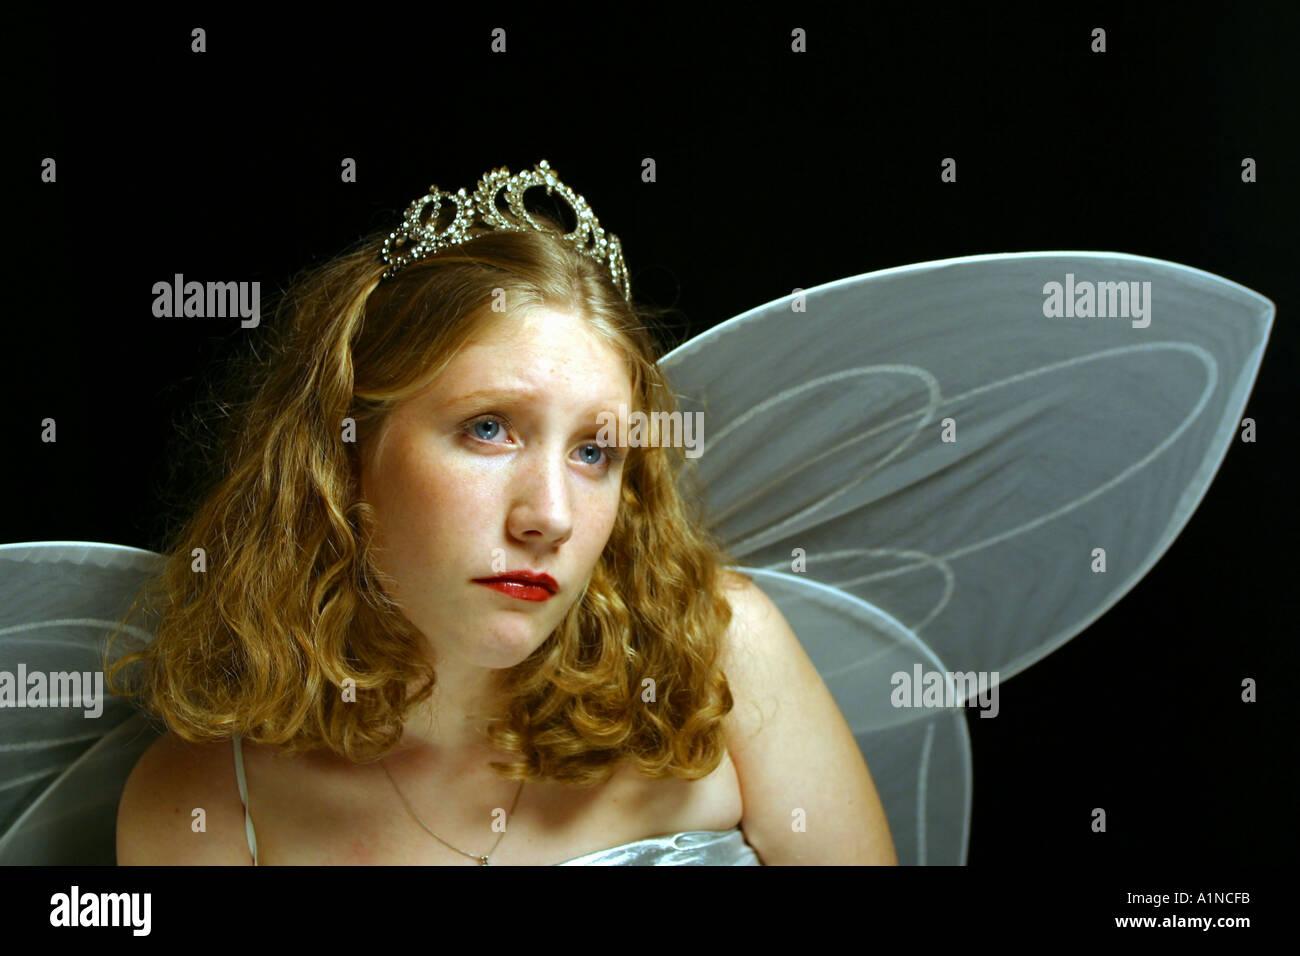 Triste Fée Princesse Photo Photos Photographies de personnes Photo Stock